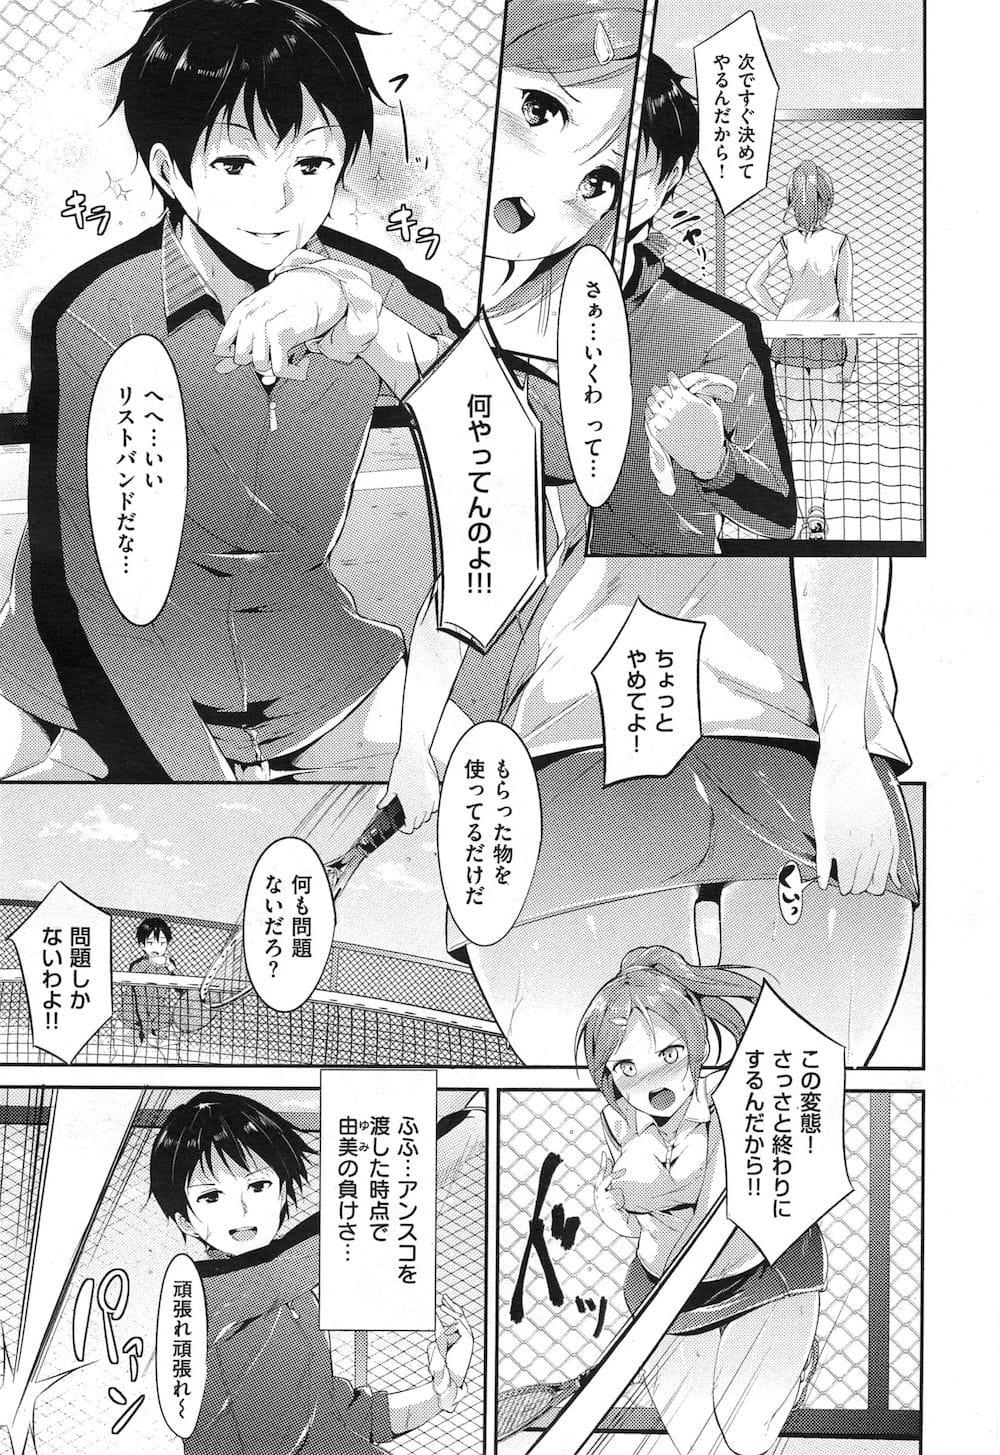 【エロ漫画】テニス勝負で1ゲーム取るたびに言うことを聞くテニス部JK!アンスコとブラを脱がせて試合続行!見られることに興奮を覚えたJKと部室で言葉責めSEX!【あるぷ】